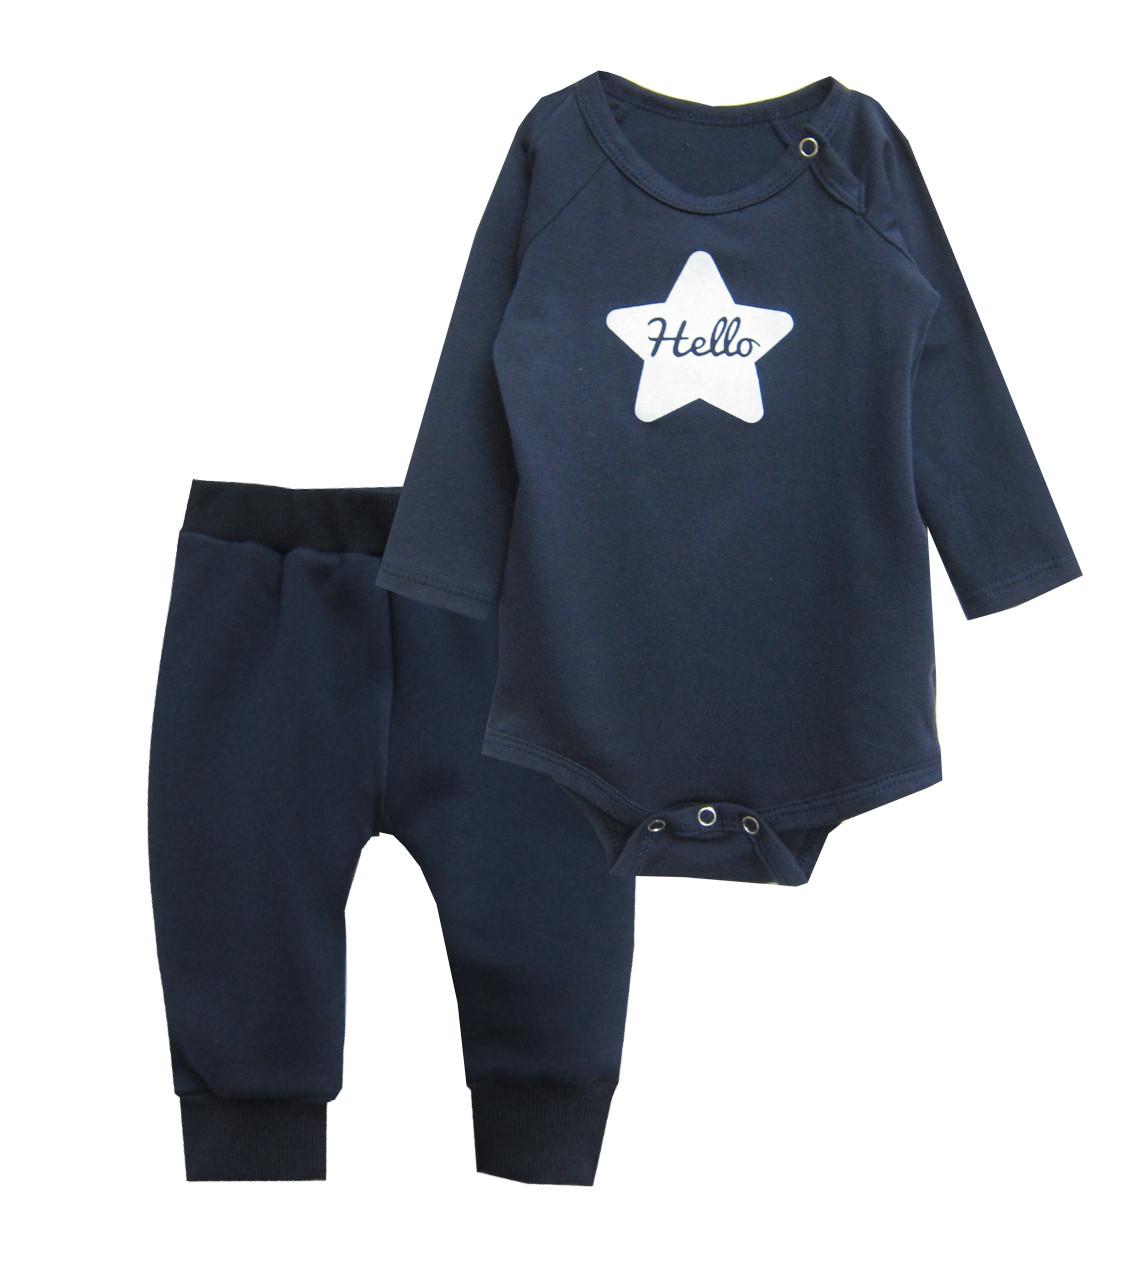 Дитячий костюм для хлопчика (боді, штанці)